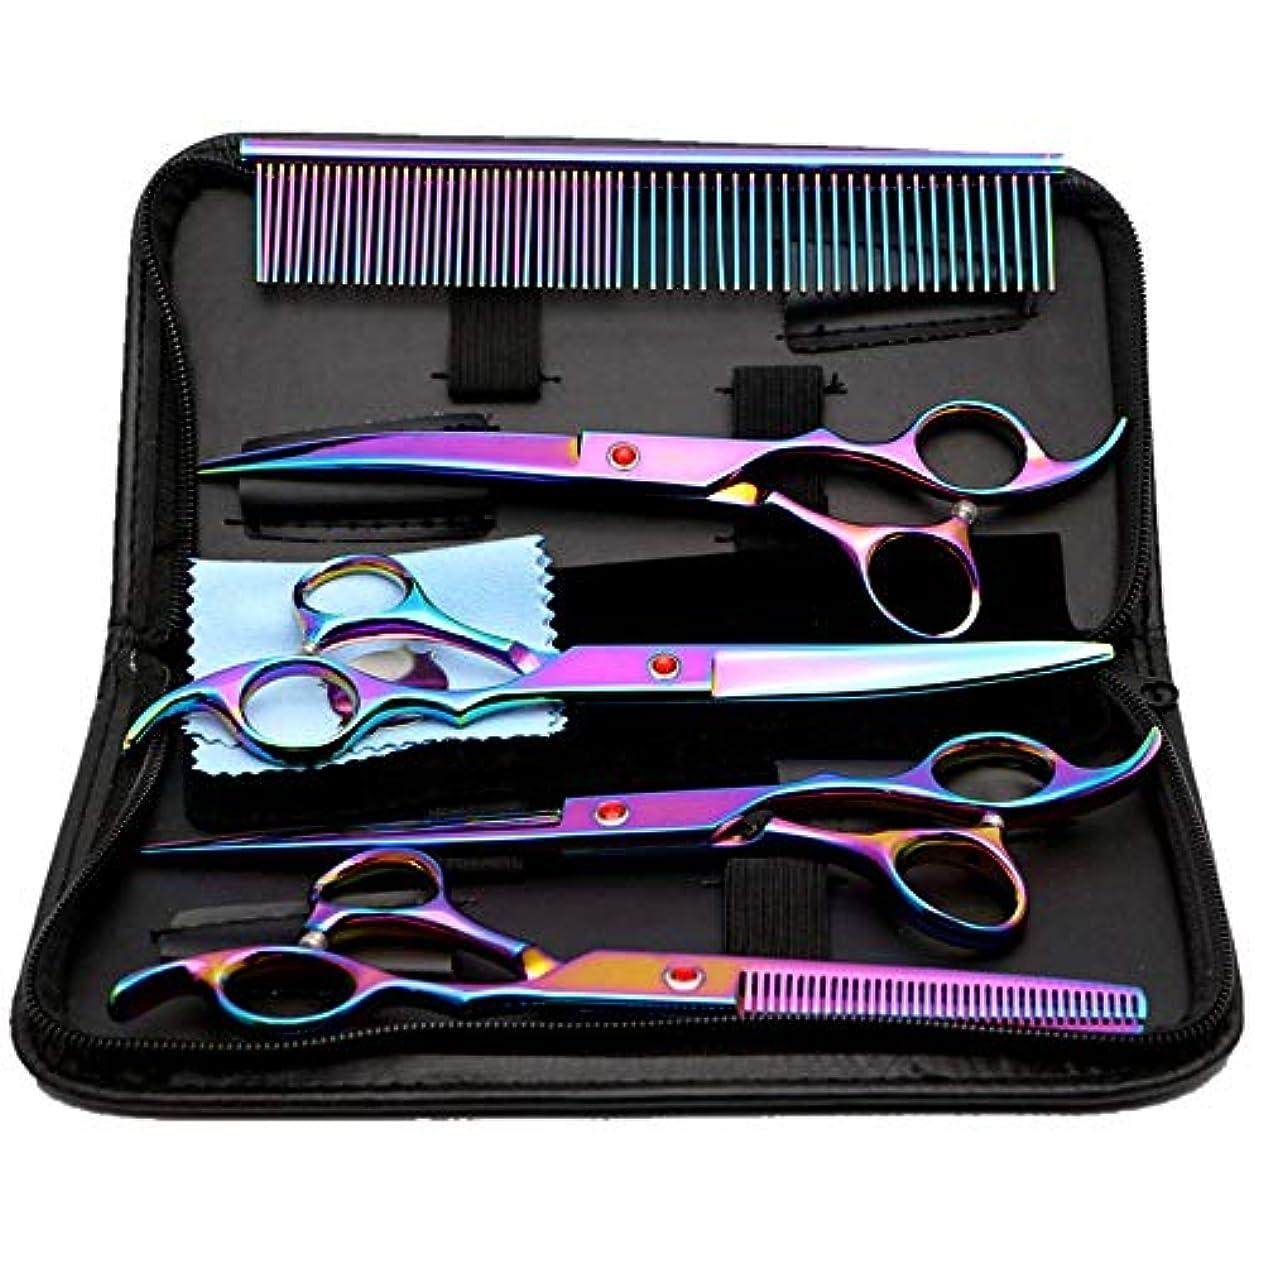 乳白色カリキュラムレキシコンBOBIDYEE ハイグレードカラーペットグルーミングハサミセット、6セットのペットヘアグルーミングヘアカット、ストレート+歯用ハサミヘアカットシアーステンレス理髪師用ハサミ (色 : Colors)